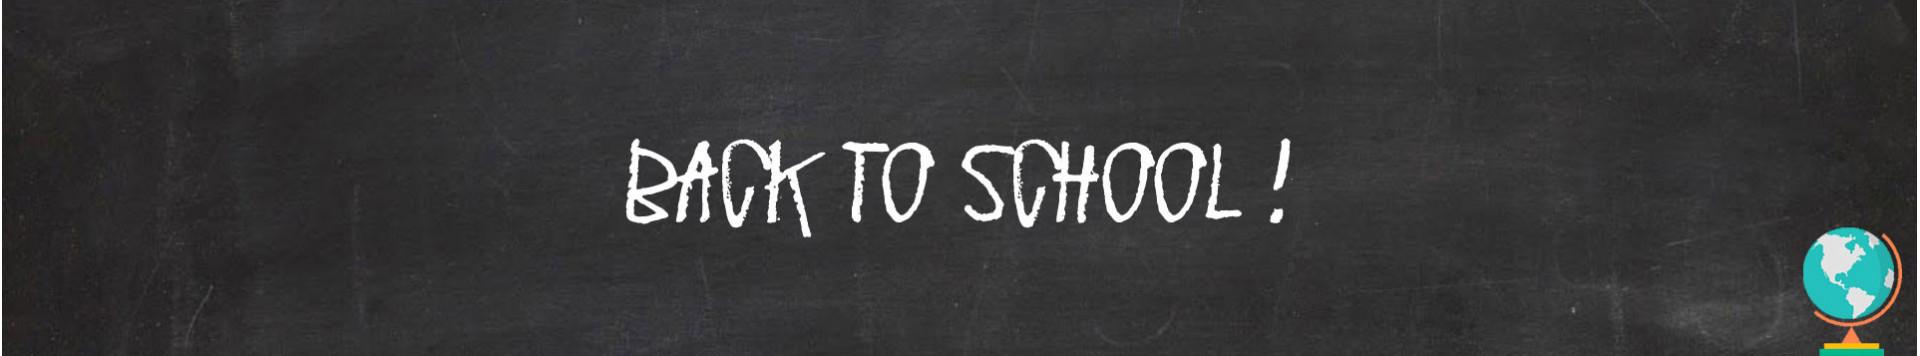 Kleding, schoenen voor student, labo, hotelscholen.